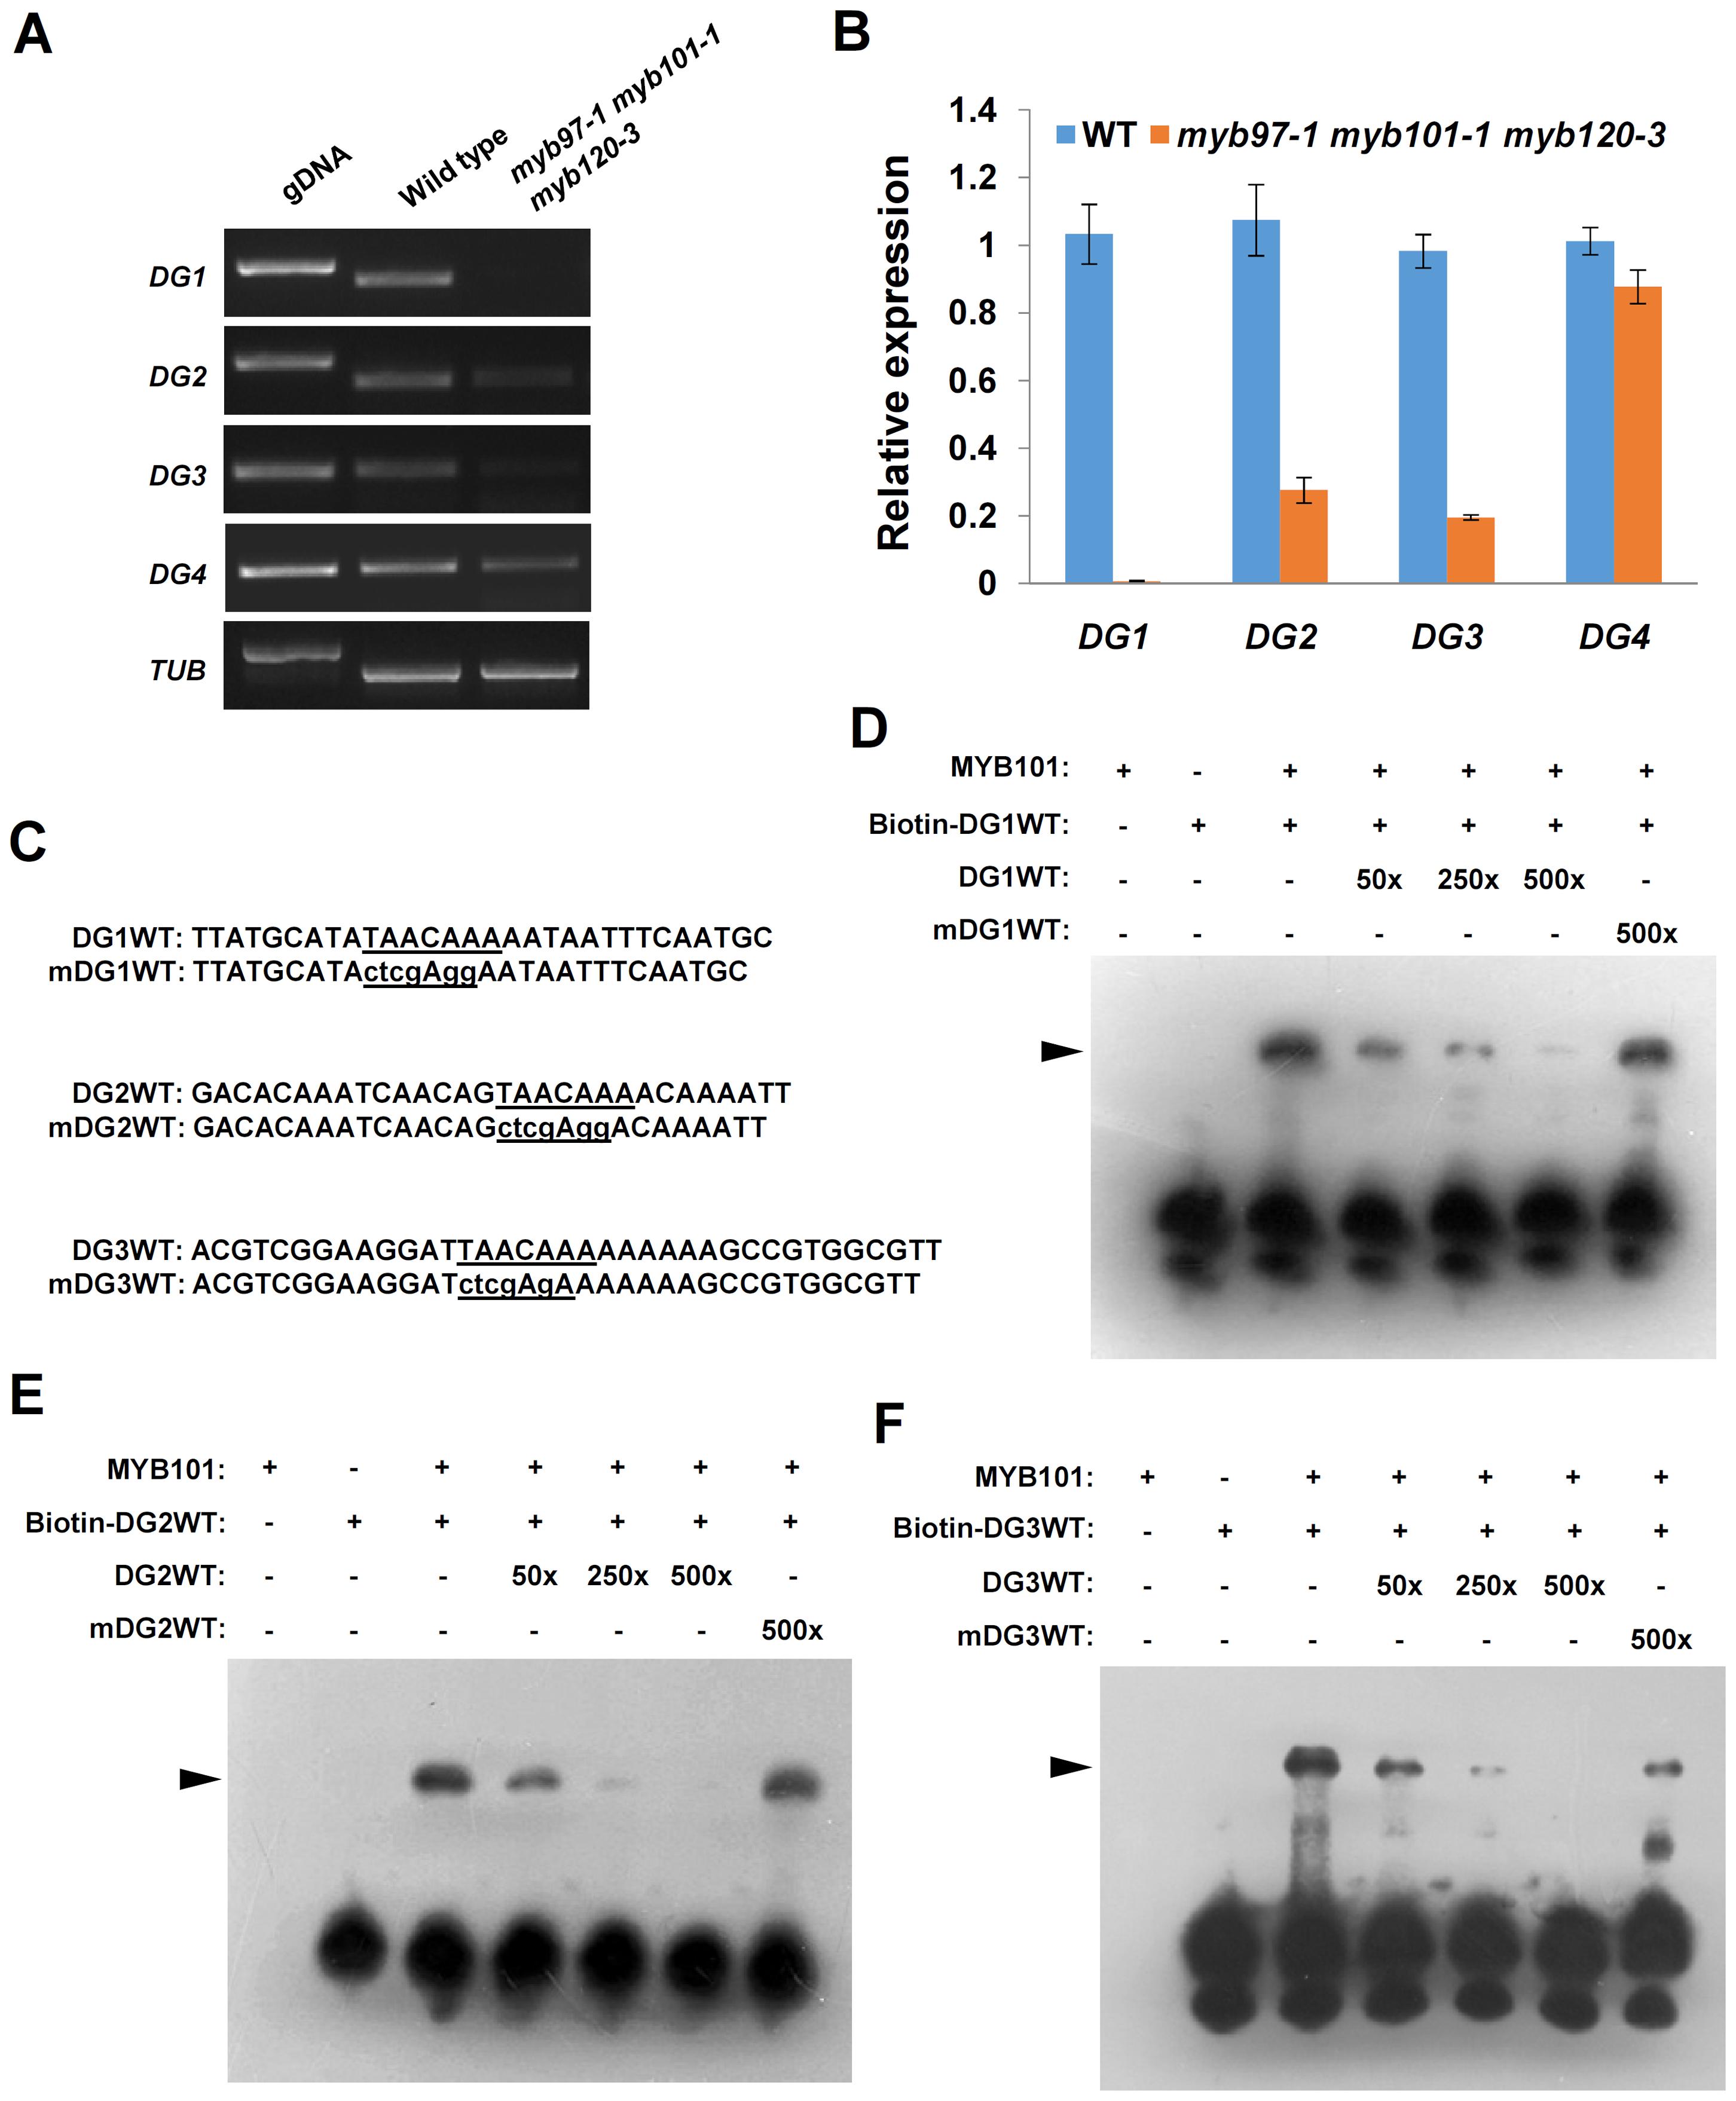 MYB101 binds to the MYBGAHV (TAACAAA) <i>cis</i>-element in the <i>DG1</i>, <i>DG2</i> and <i>DG3</i> promoters <i>in vitro</i>.